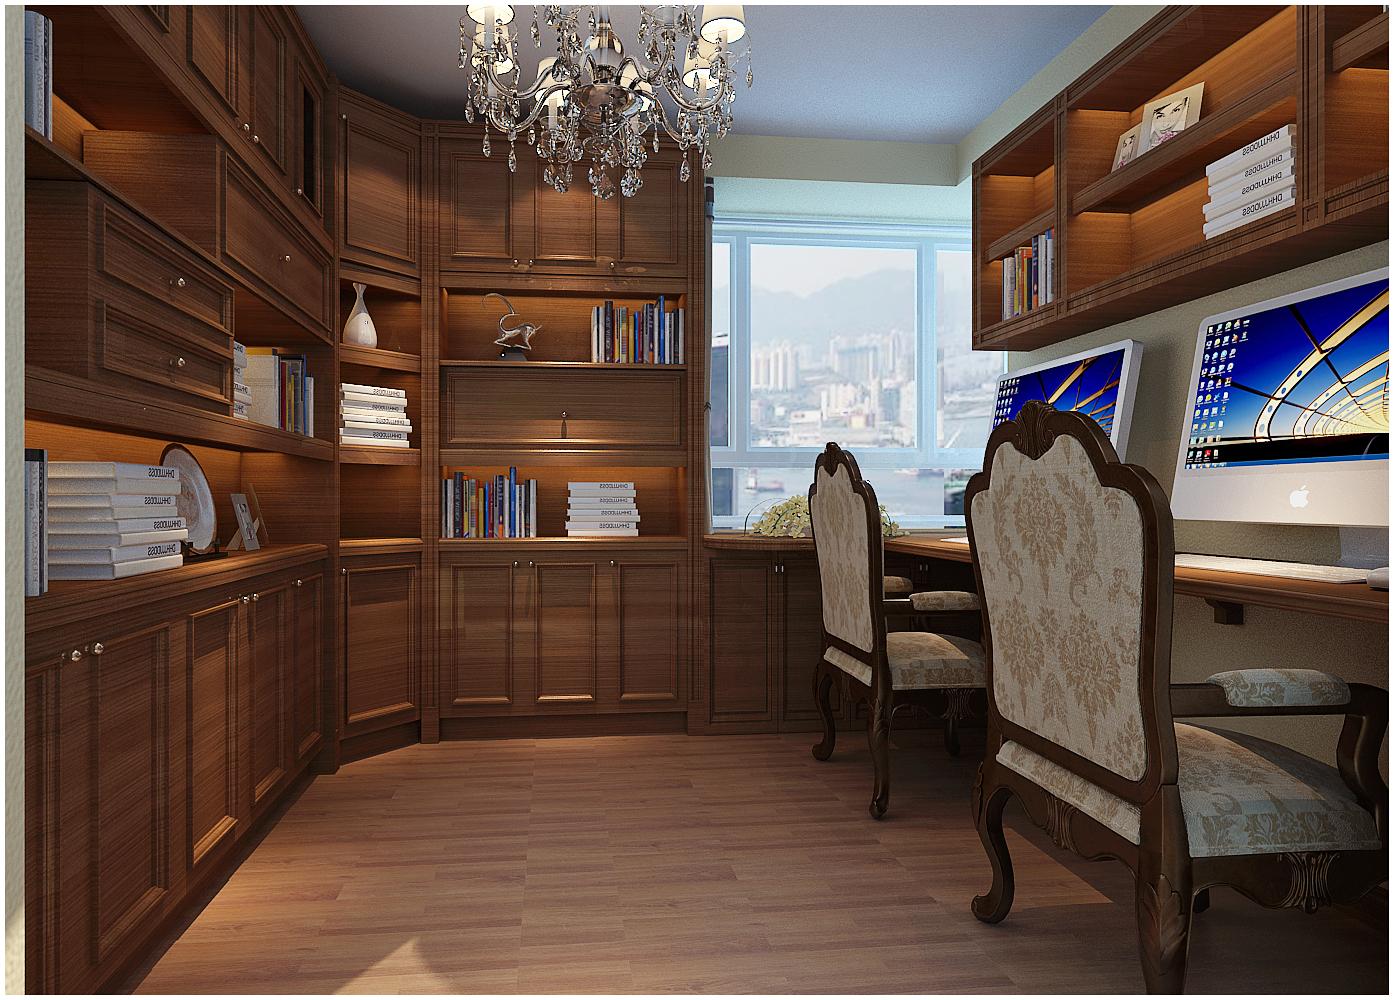 三居 美式 收纳 小资 书房图片来自快乐彩在尚乐城美式装修风格设计的分享